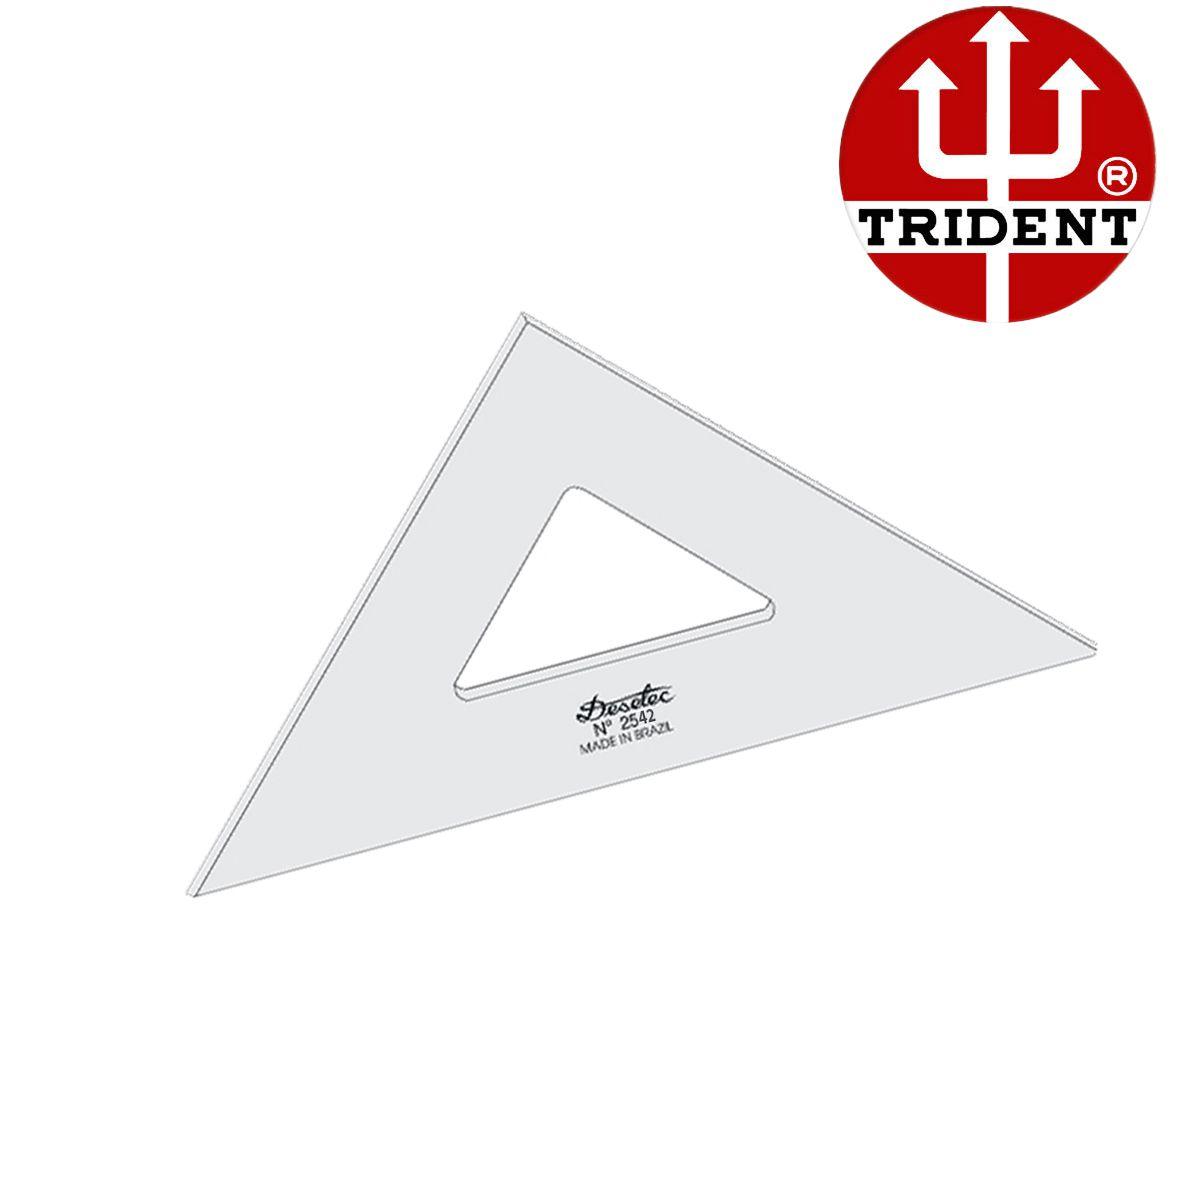 Esquadro de Acrílico Trident 42cm - sem Escala - Ref.2542